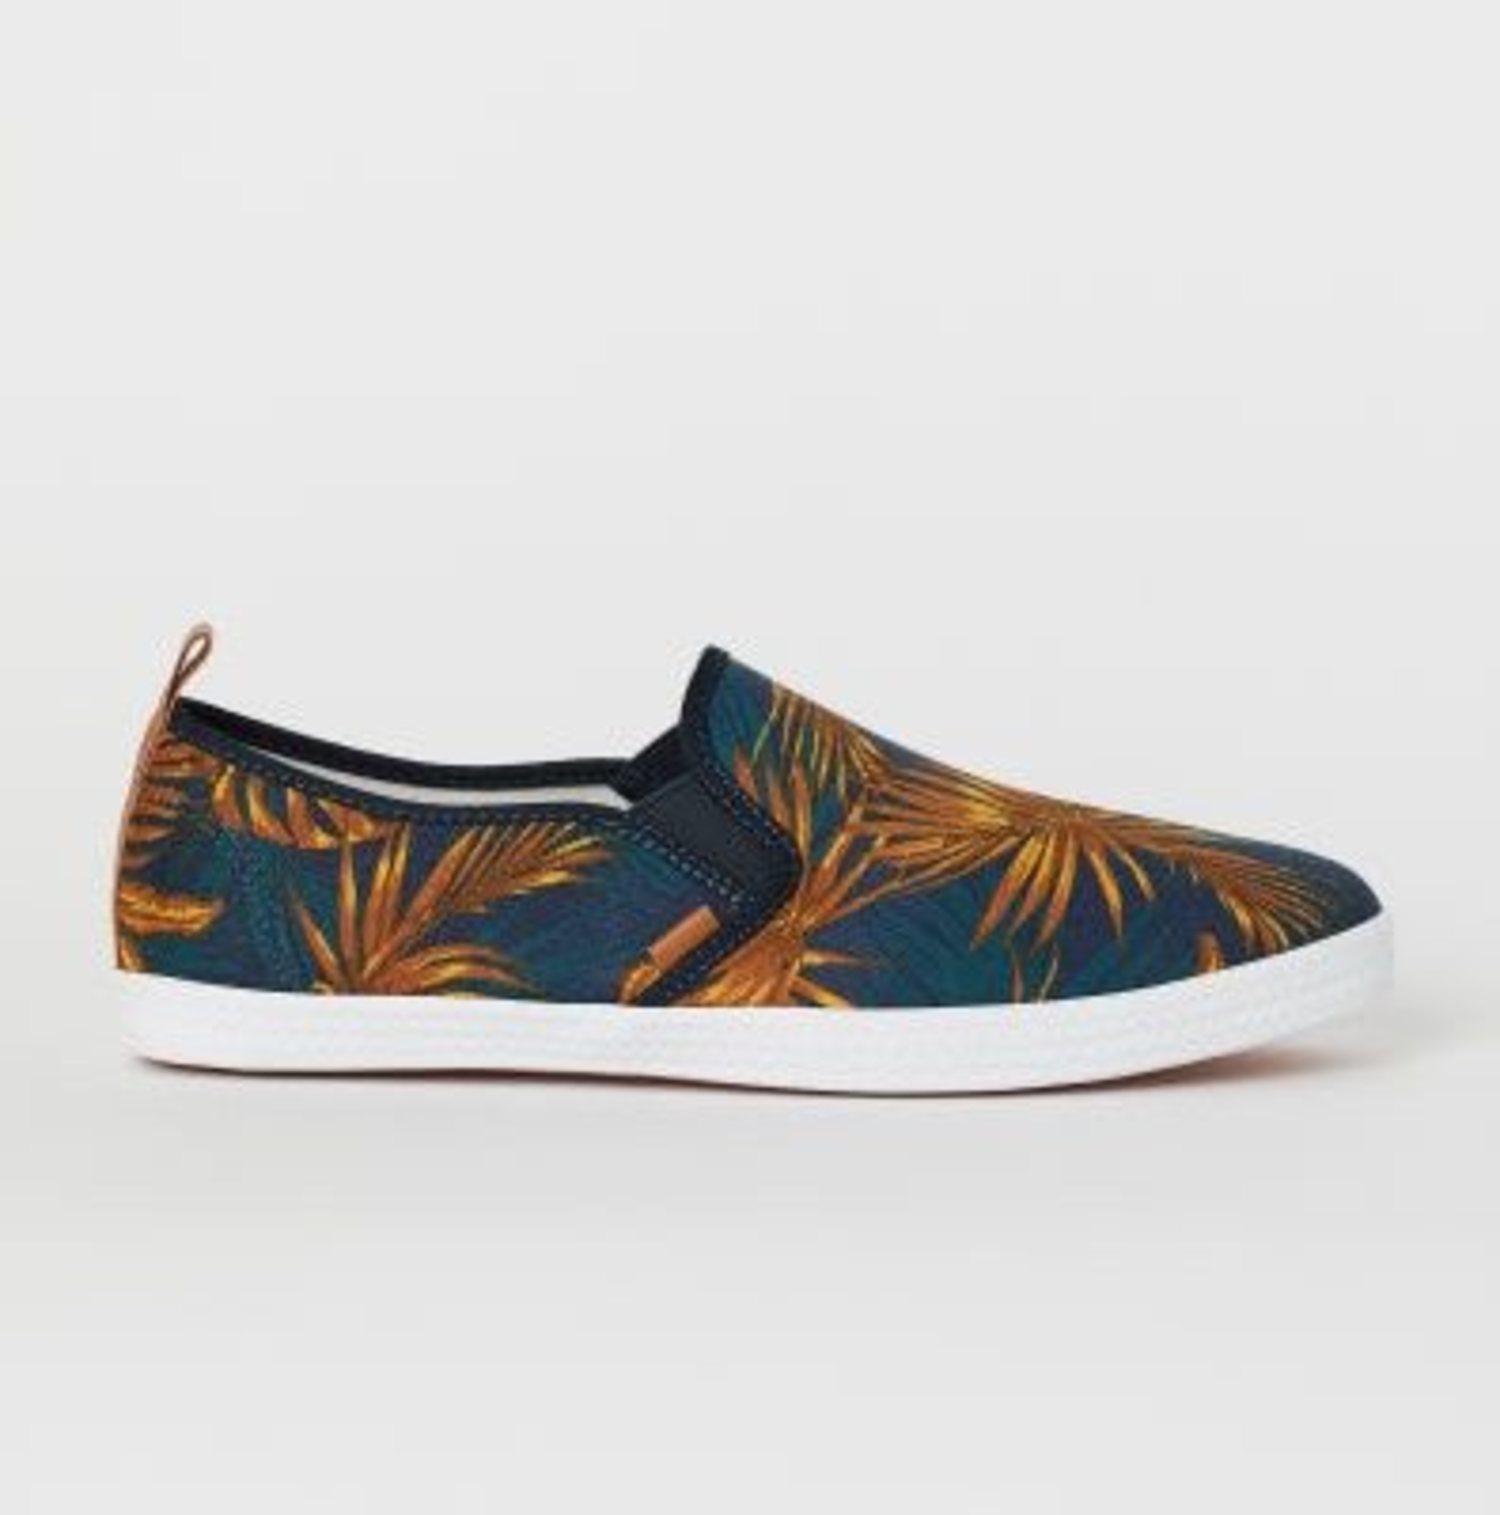 Estas zapatillas te ayudan a ponerte en el 'mood' de verano.